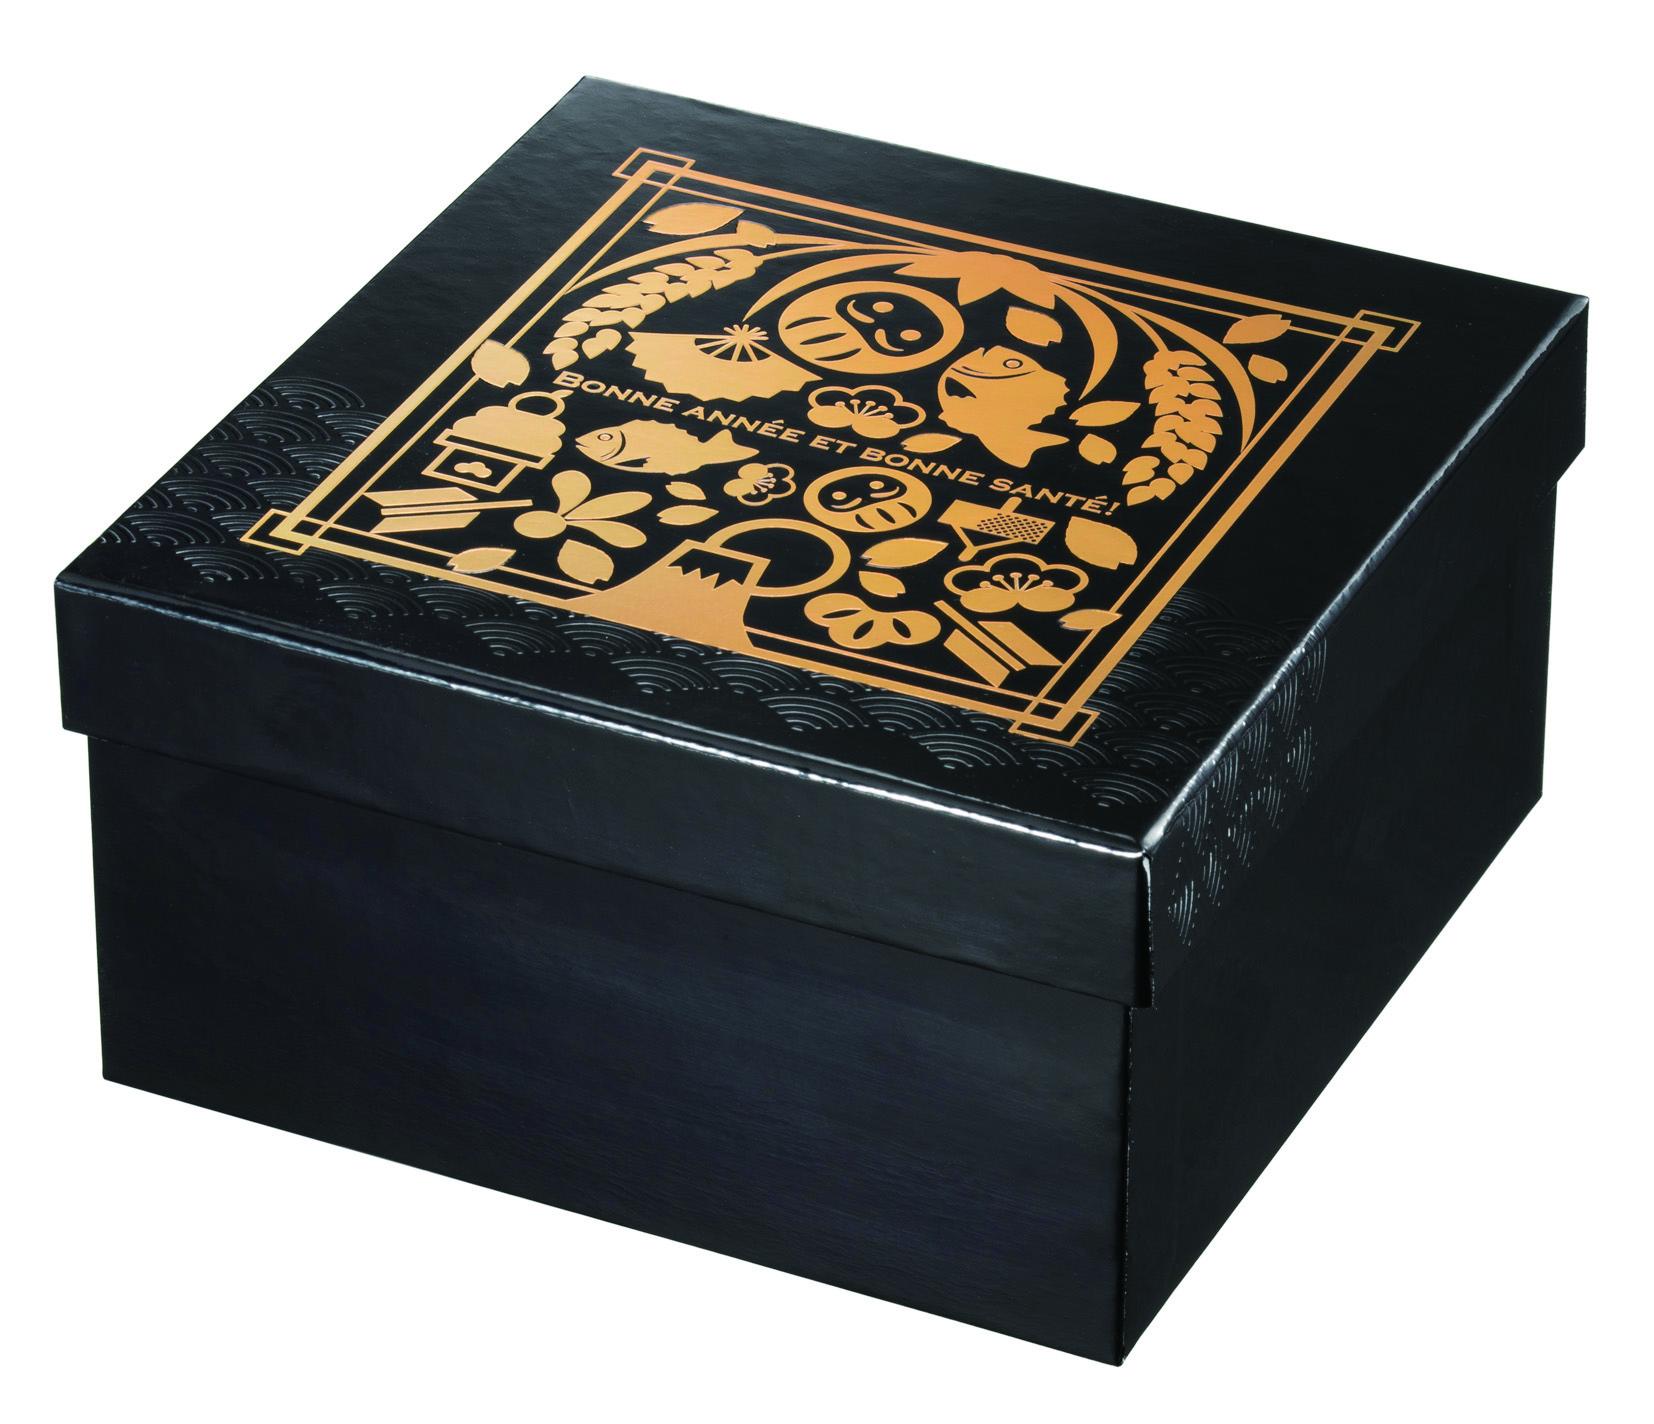 130角貼箱 漆黒